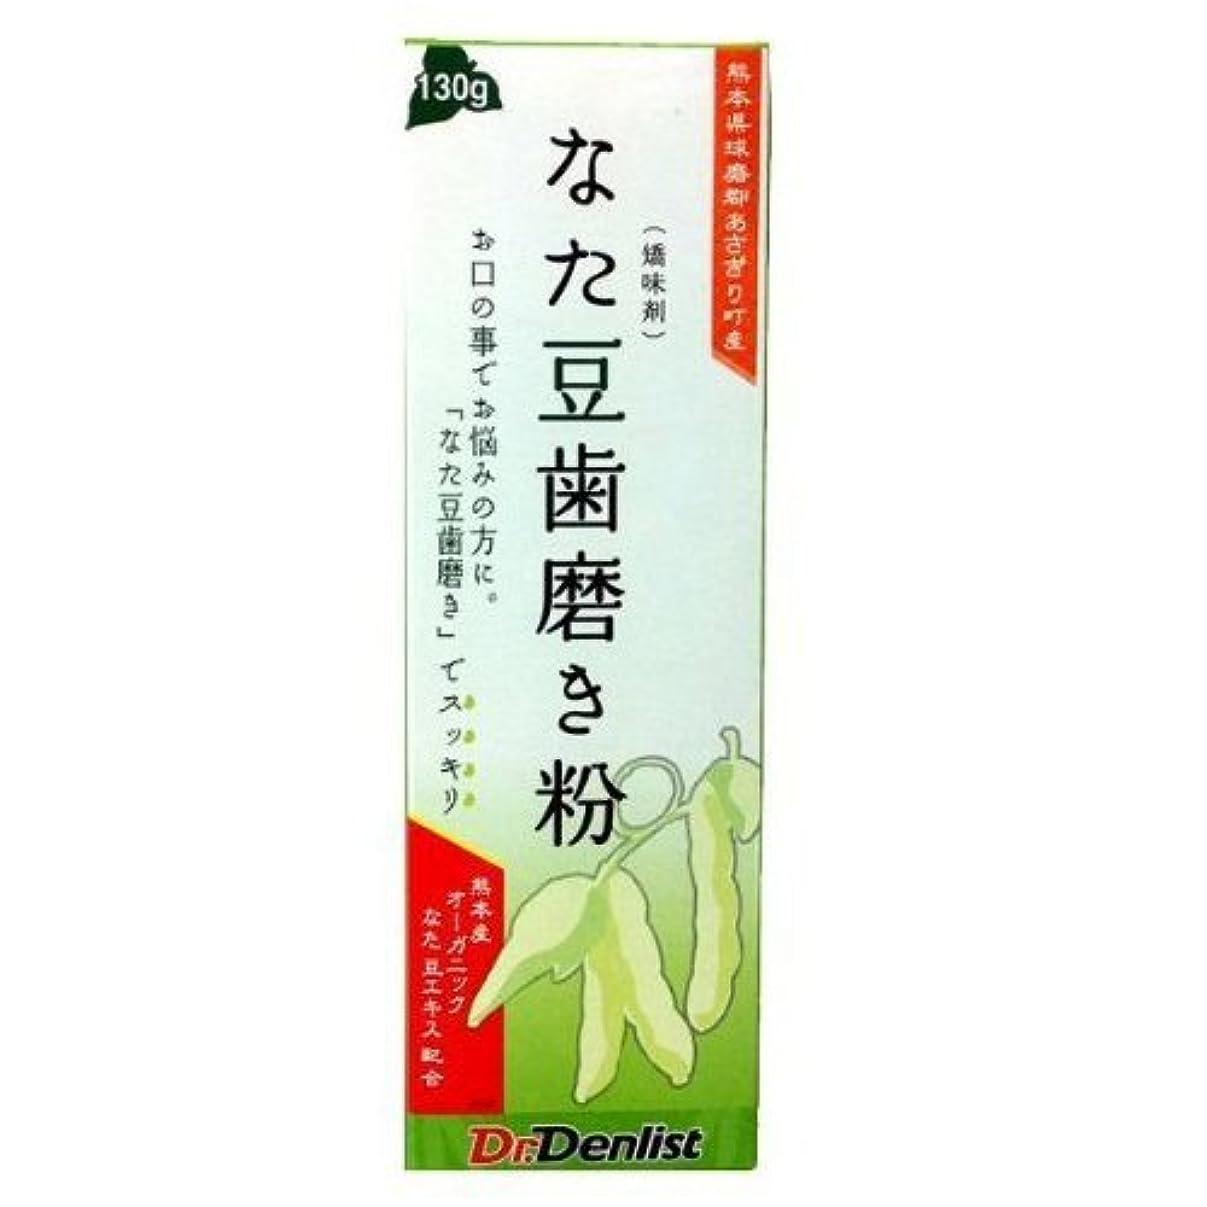 文字追加少なくともなた豆歯磨き粉 国産 130g 熊本県球磨郡あさぎり町産